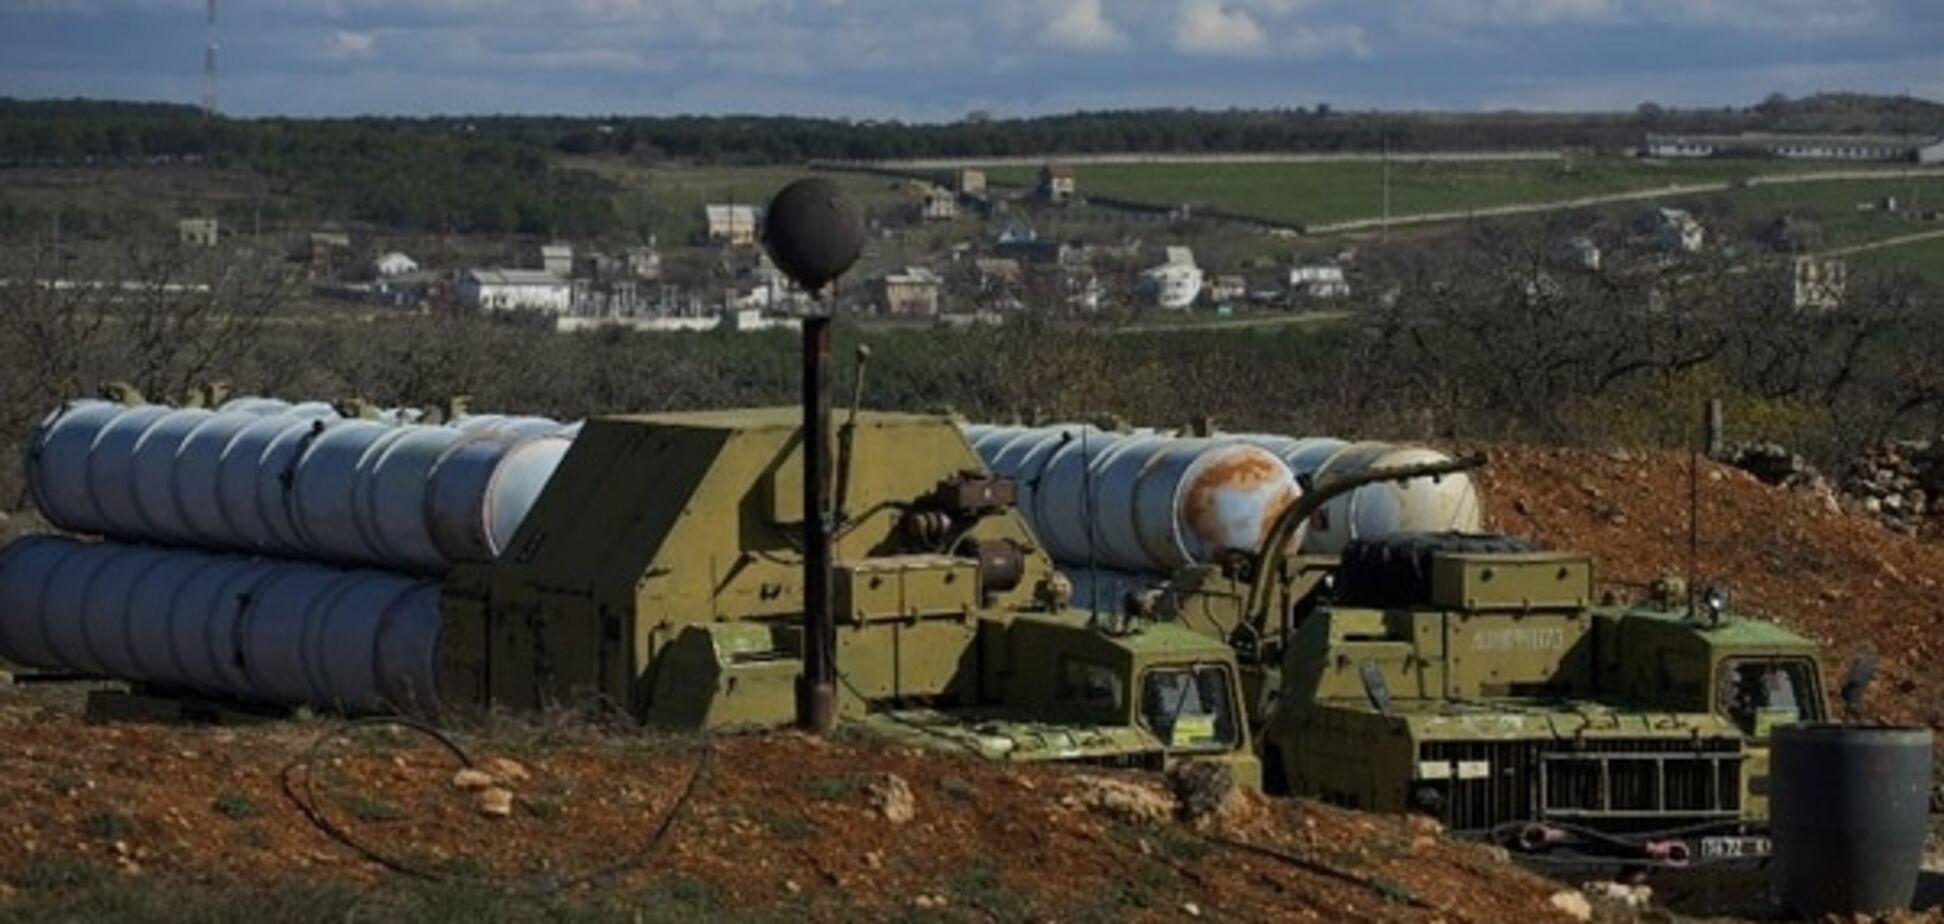 ППО України: піднебіння країни прикривають прострочені ракети